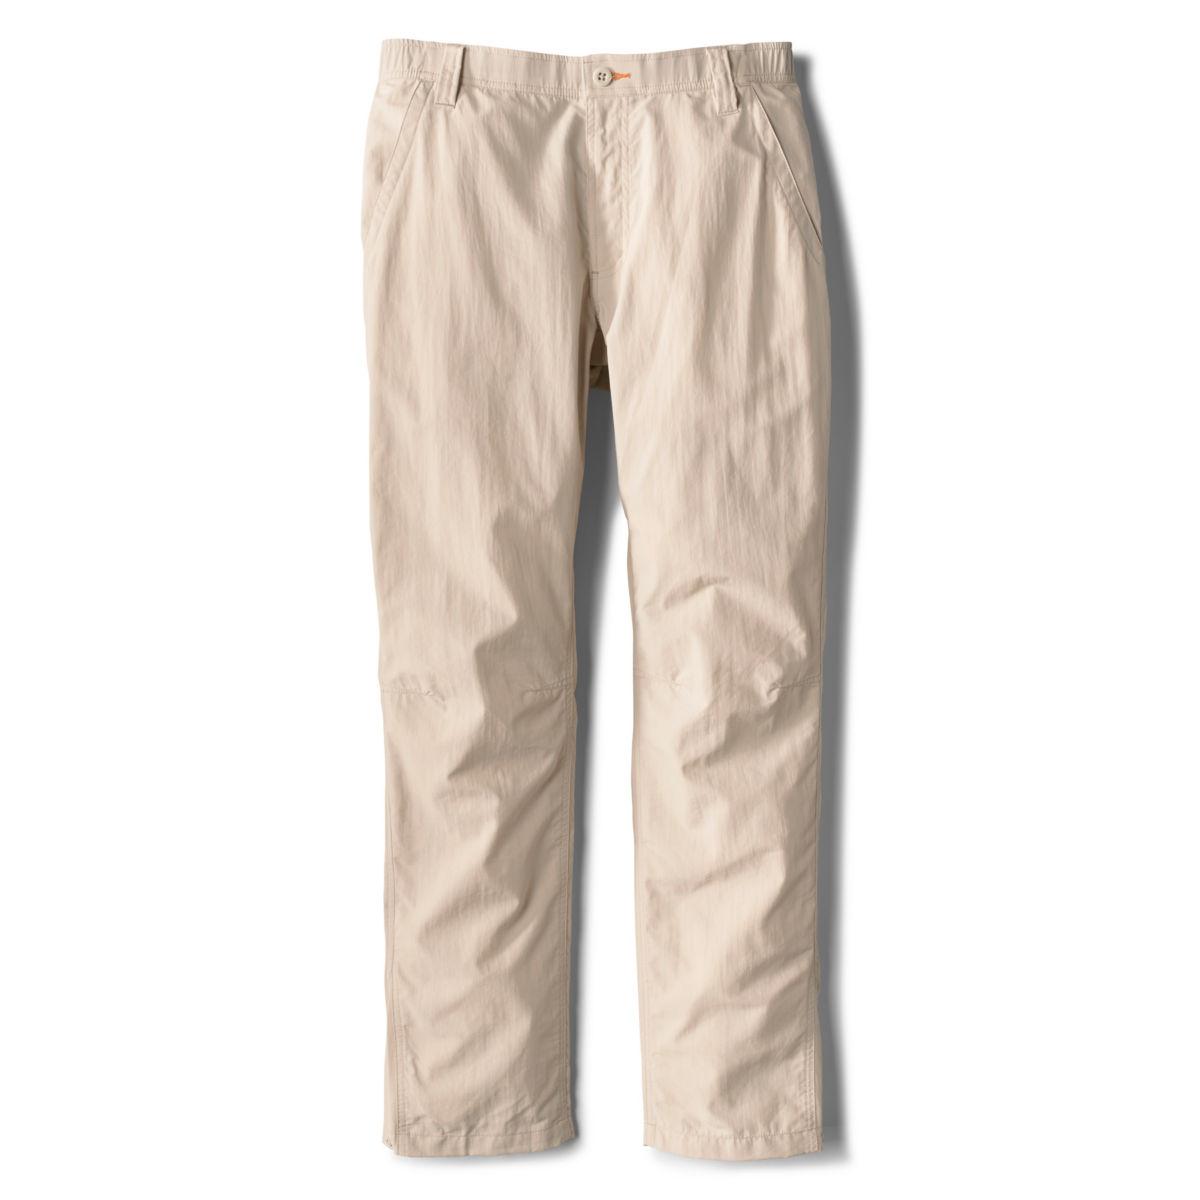 Men's Ultralight Pants - STONEimage number 0